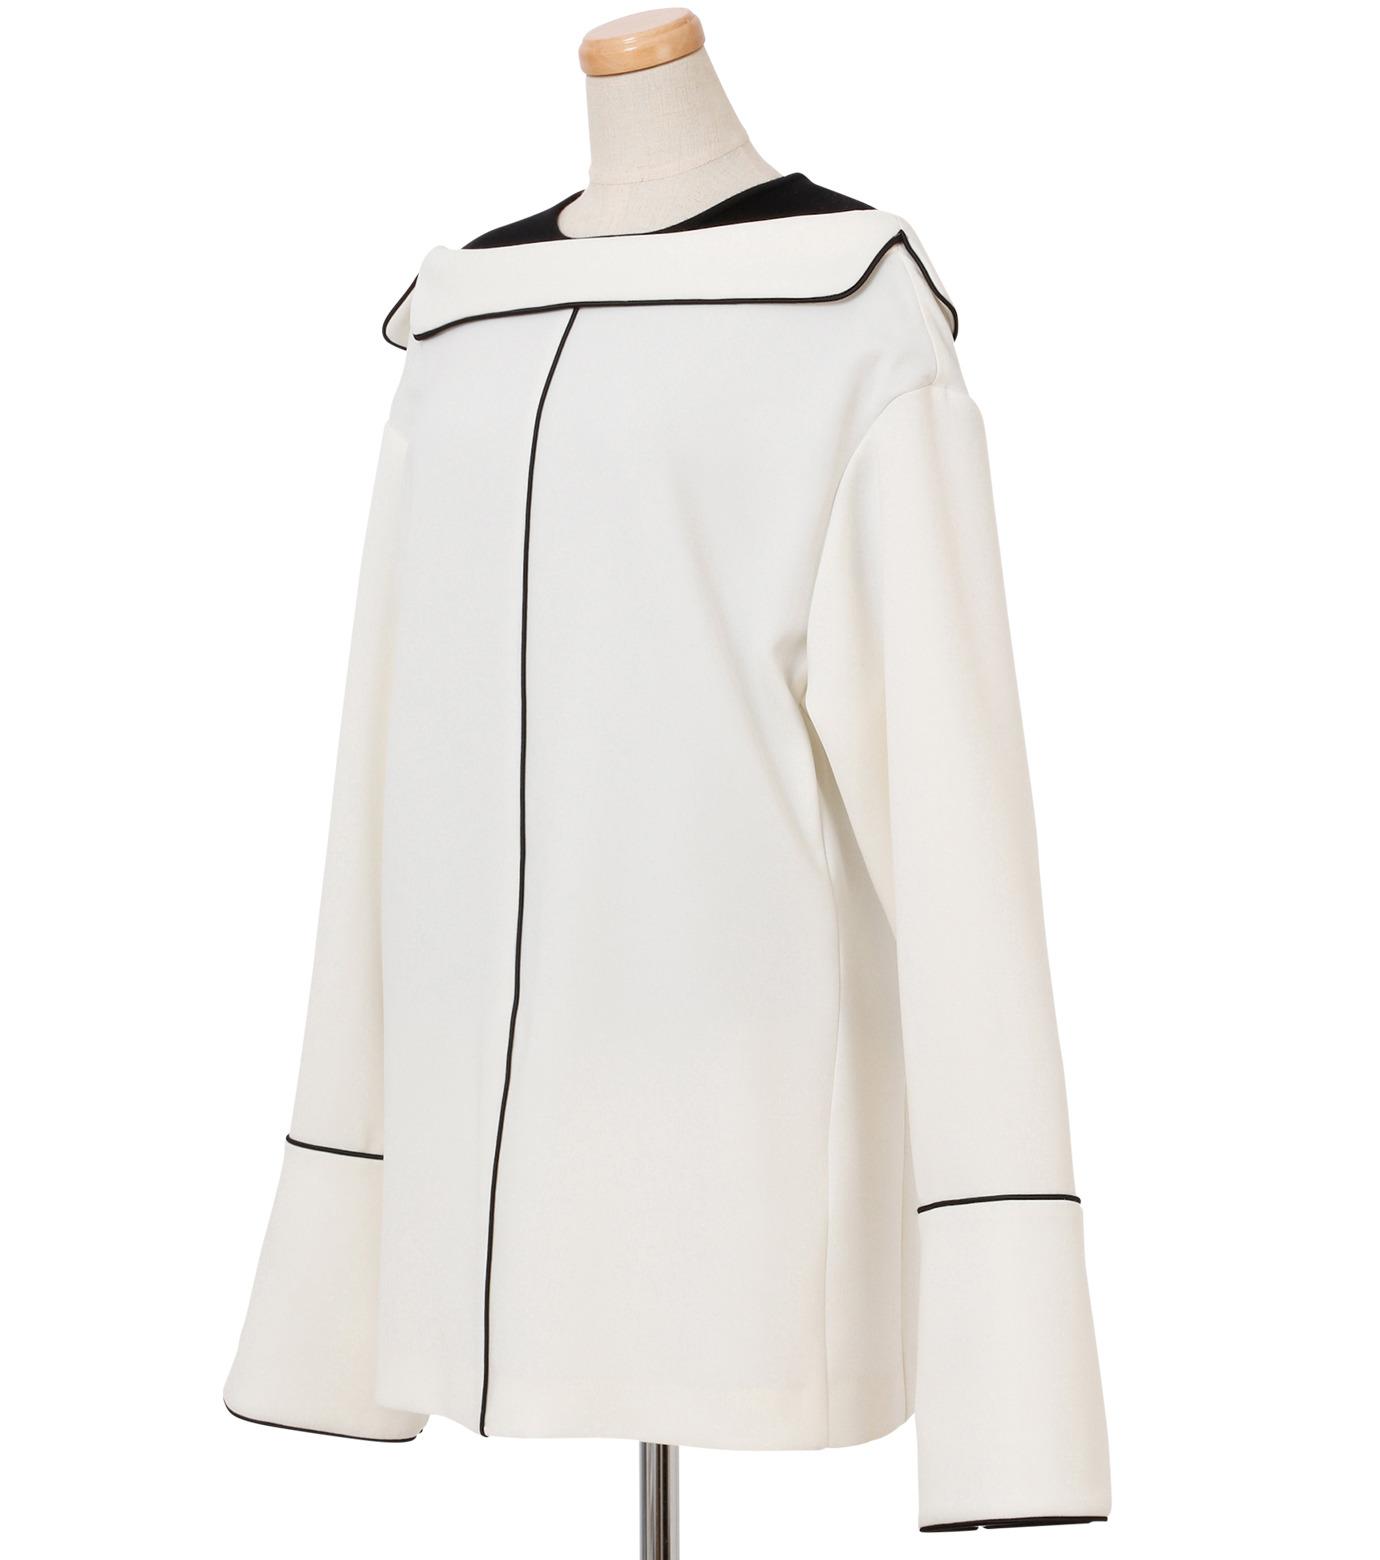 IRENE(アイレネ)のリバーサルスーツトップス-WHITE(シャツ/shirt)-18A83006 拡大詳細画像2